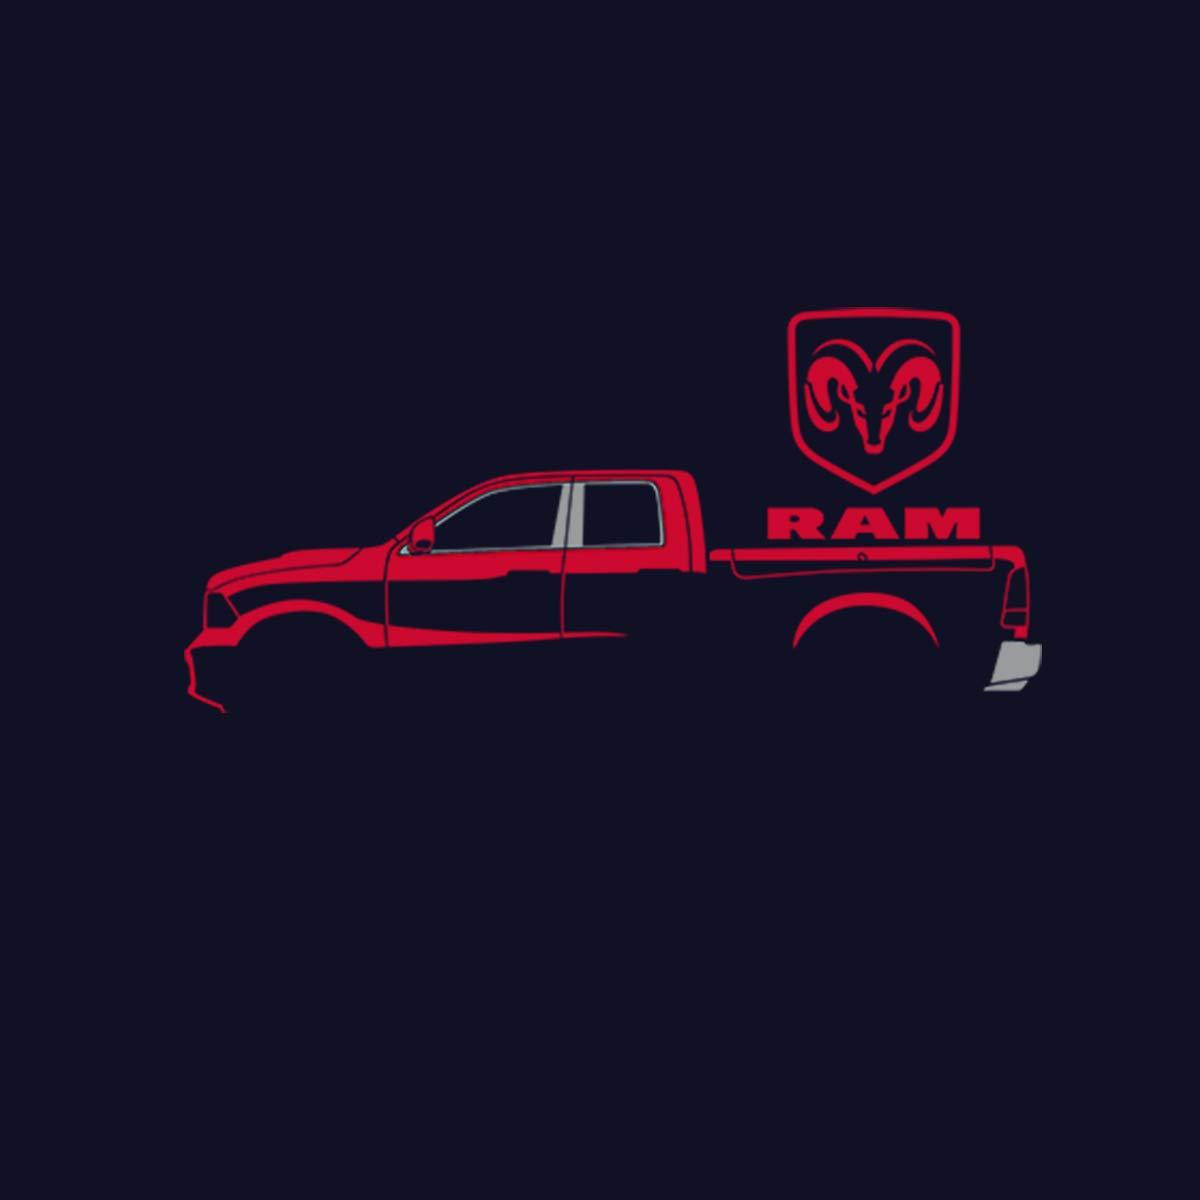 avocadoWEAR Dodge Red Ram Hemi Pickup Herren Sweatshirt S-3XL